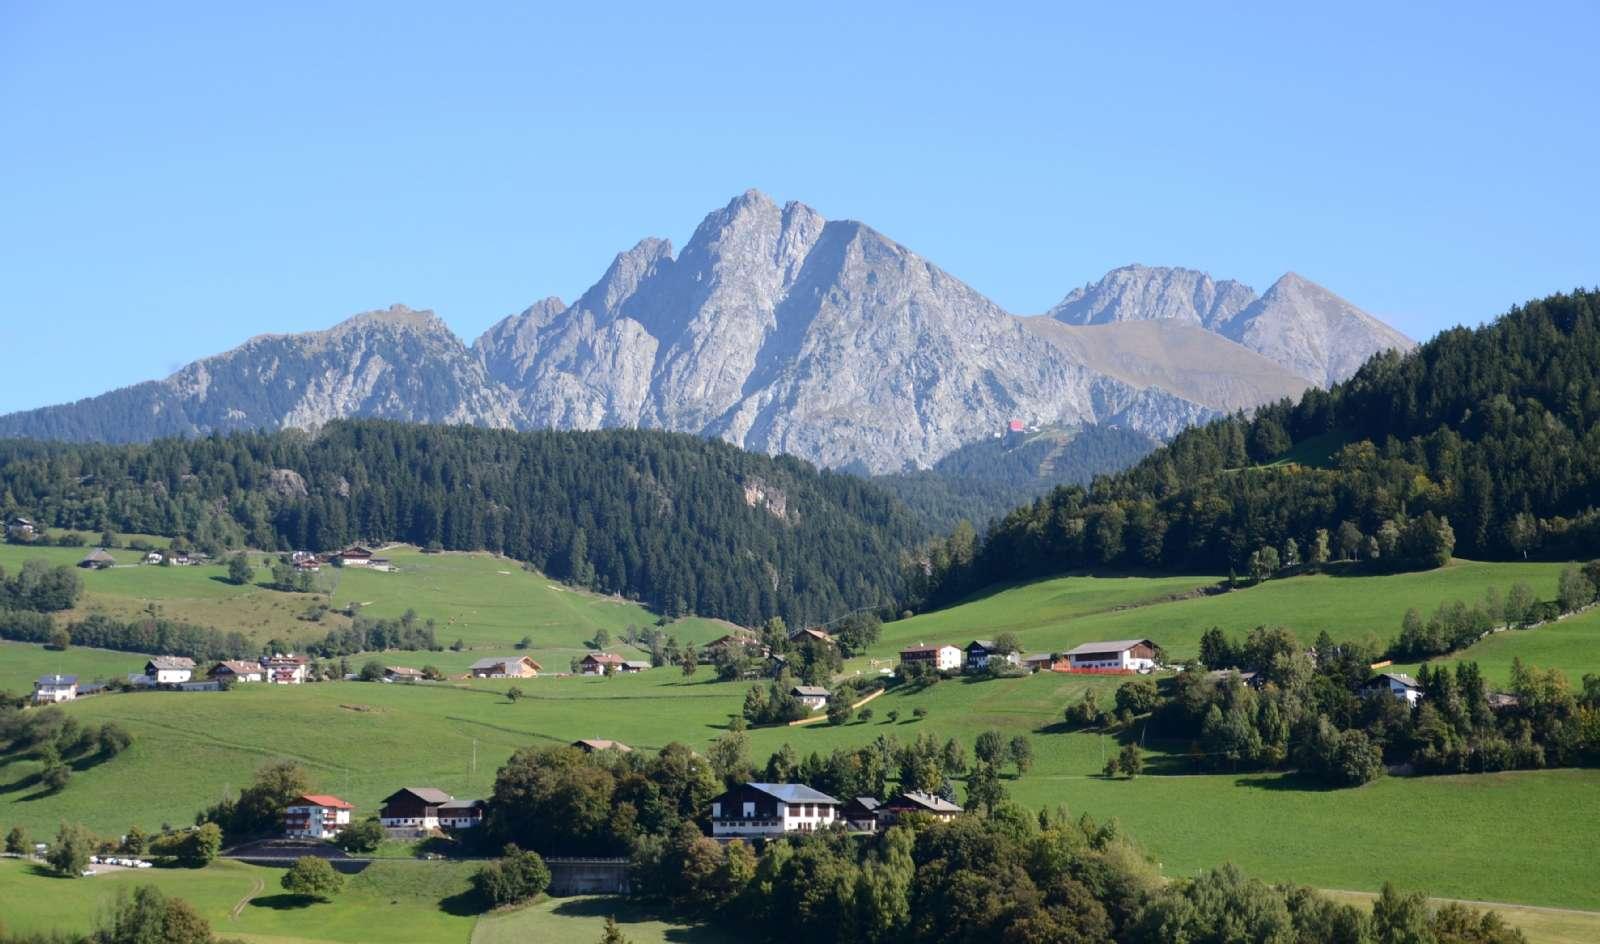 Un superbe scénario montagneux près de la frontière autrichienne